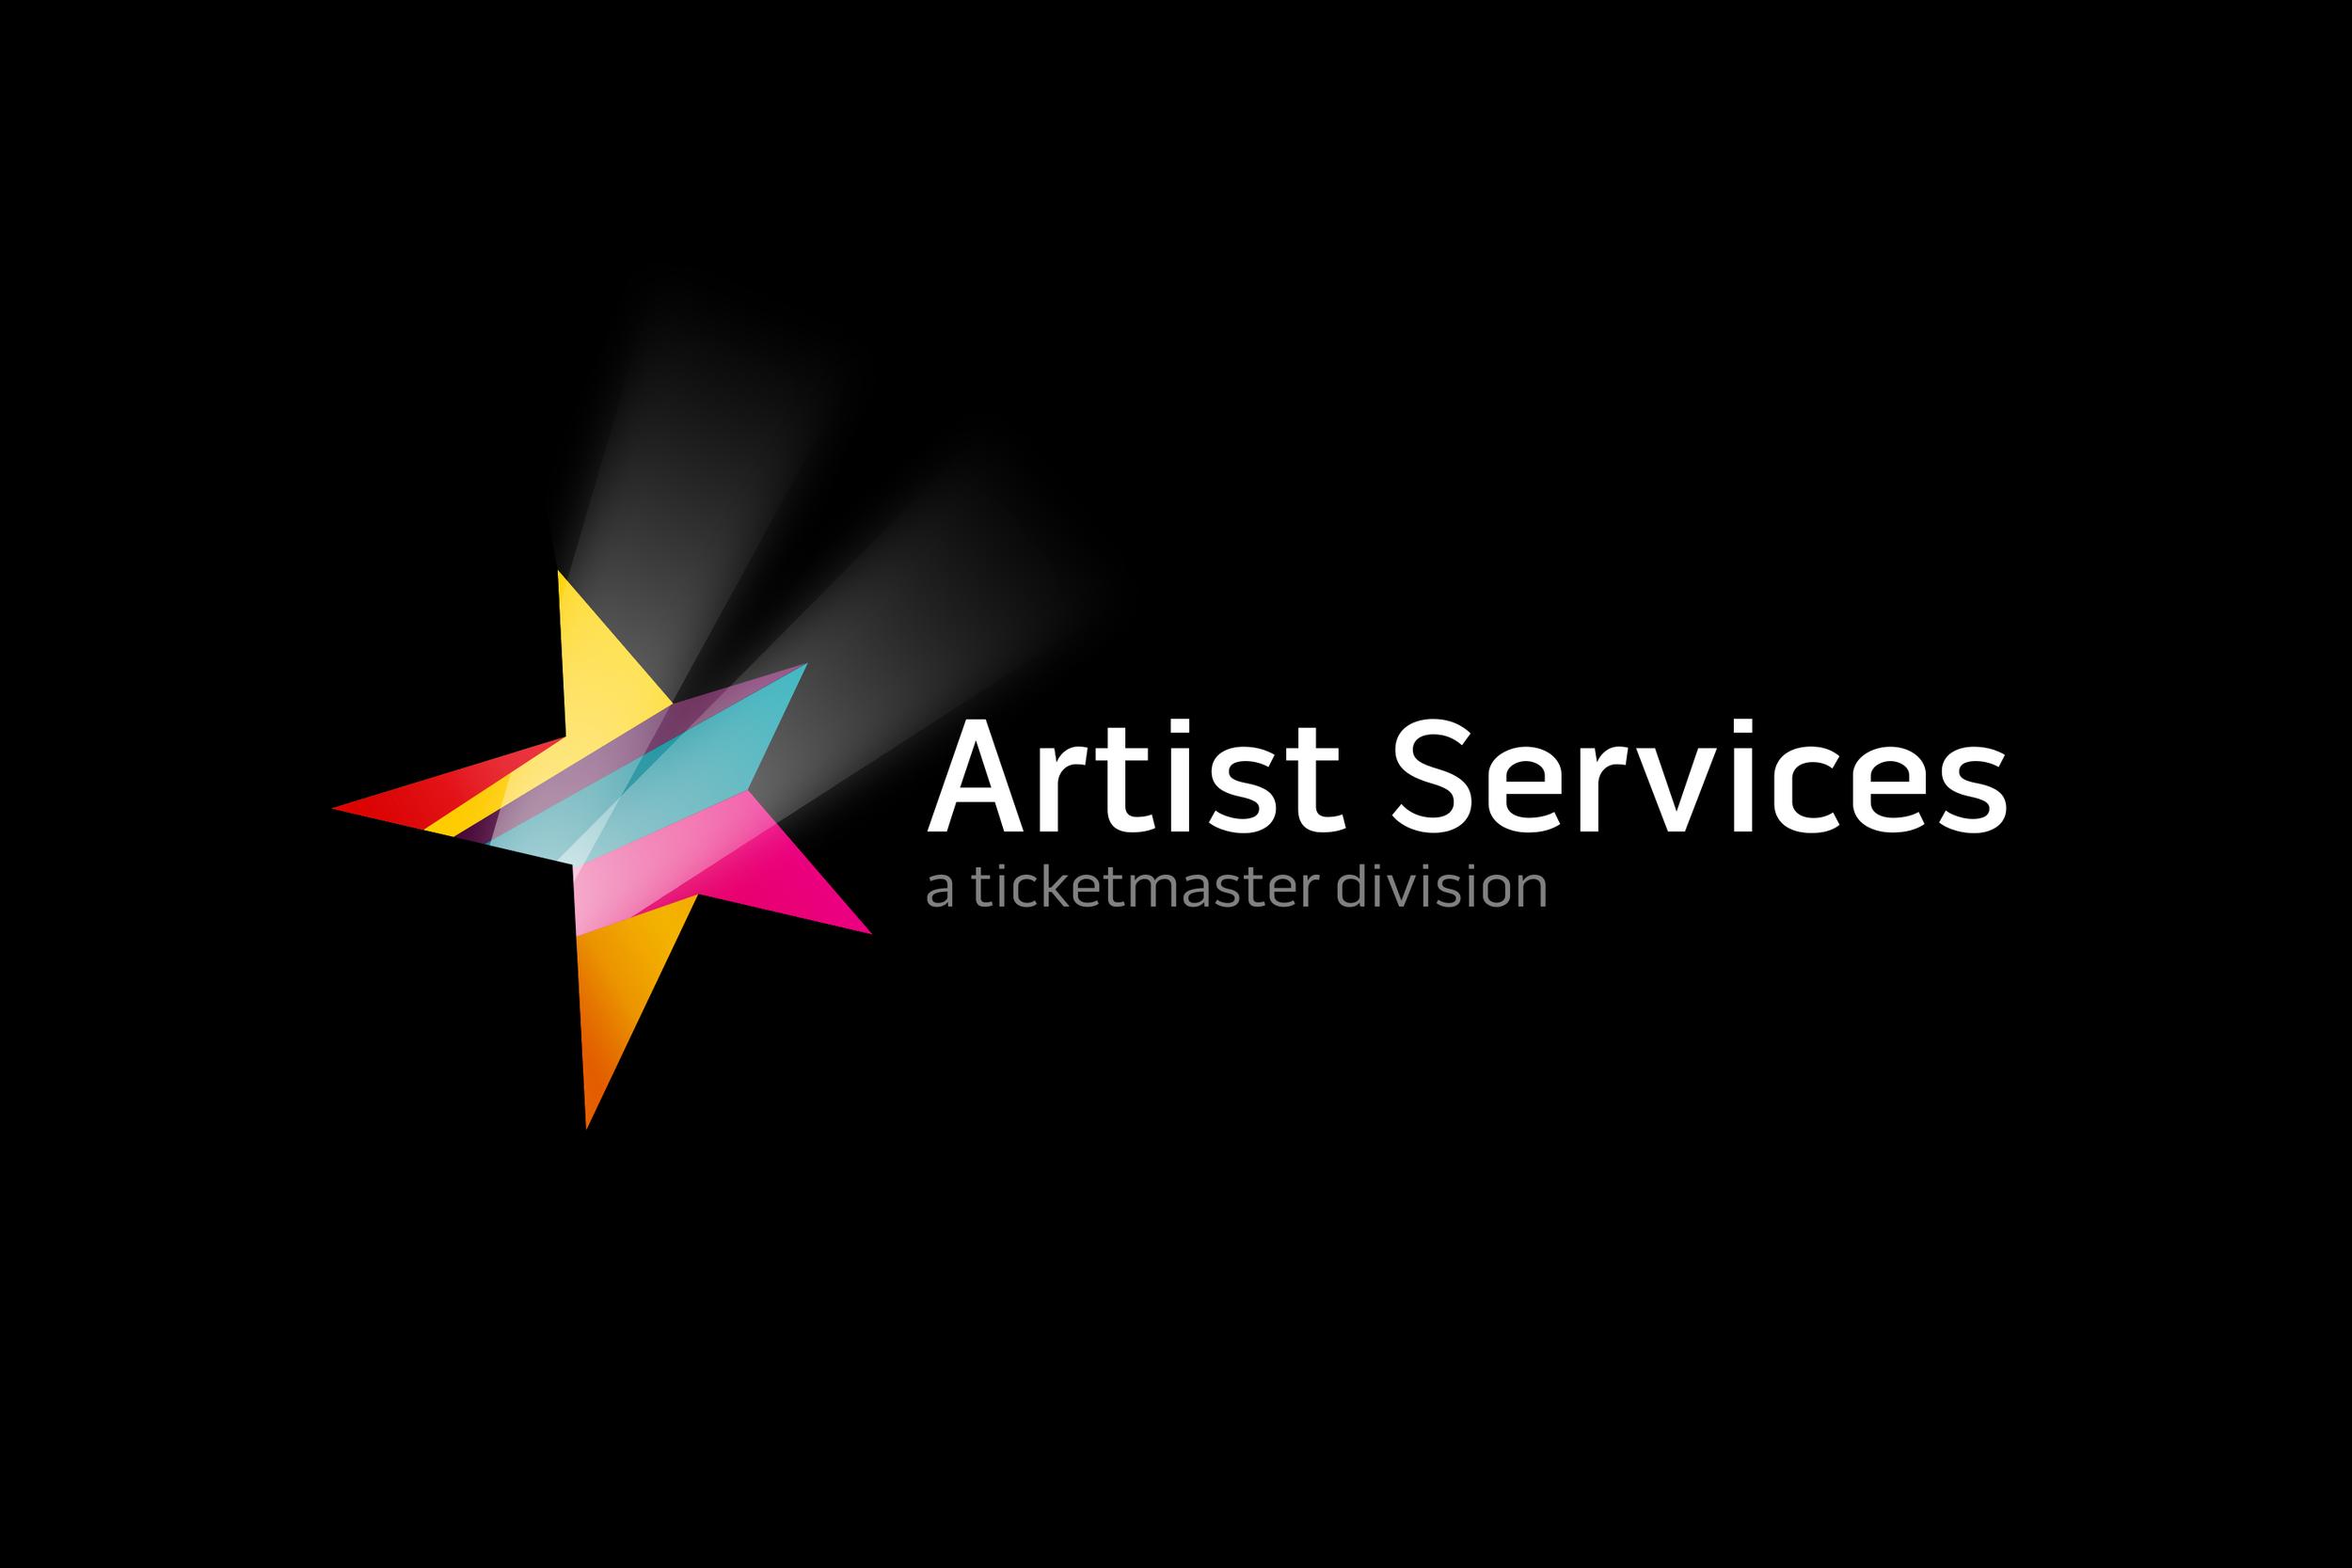 Artist Services Concept